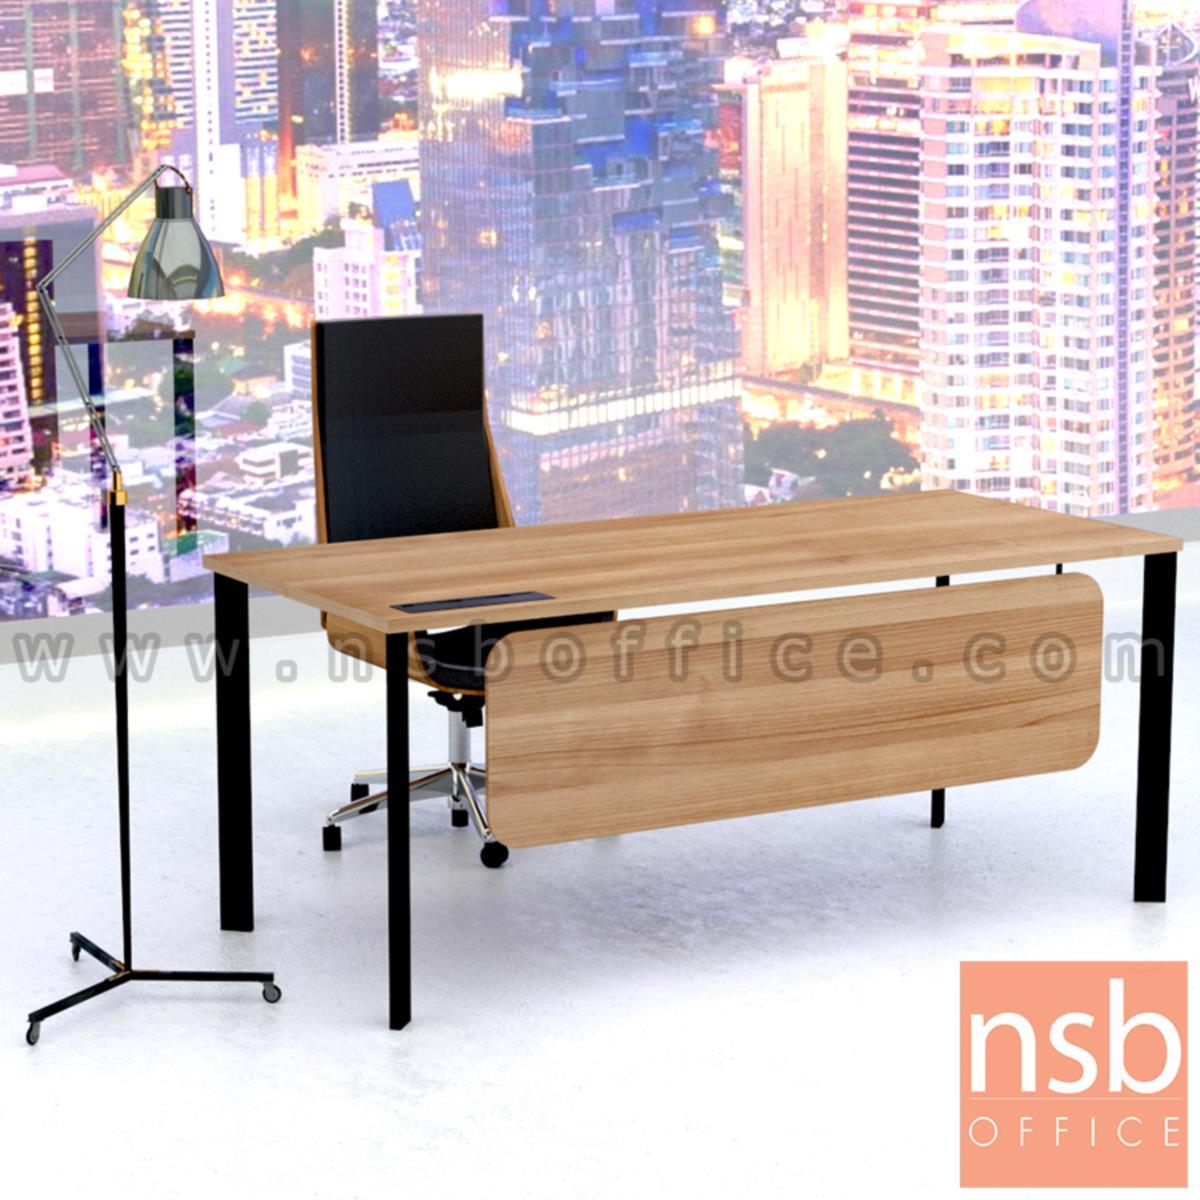 โต๊ะทำงานผู้บริหาร รุ่น Oxecure (อ็อกซิเคียว)  พร้อมป๊อบอัพ ขาเหล็ก